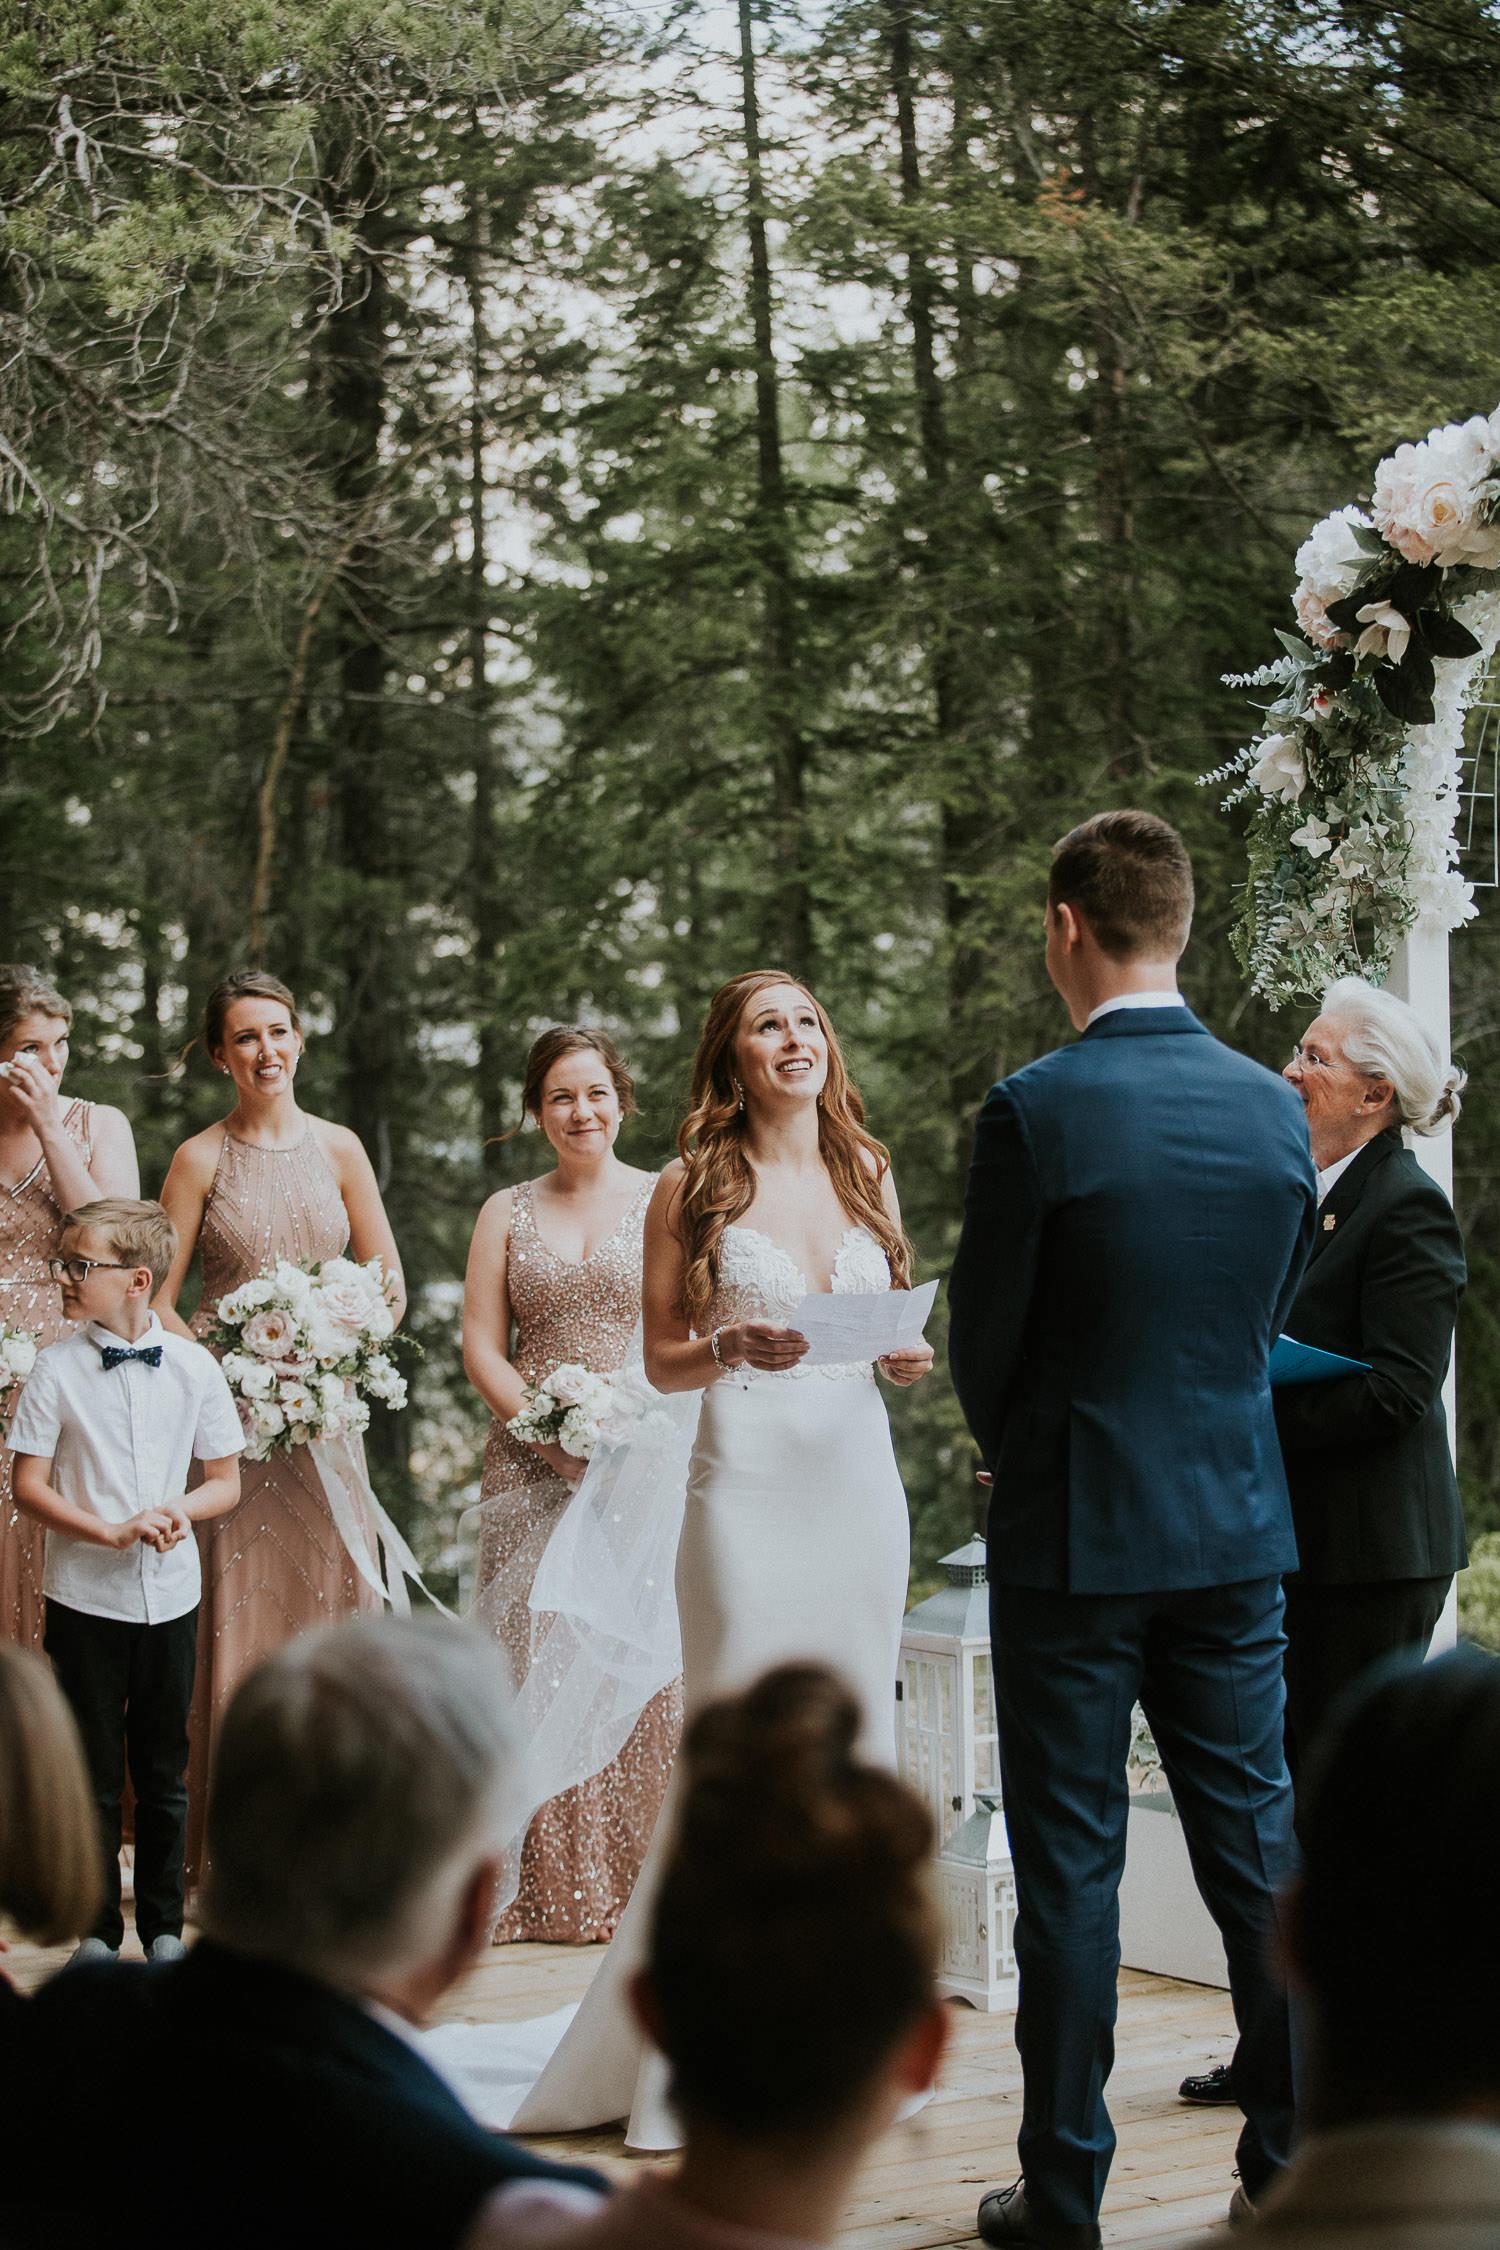 stewart-creek-wedding-sarah-pukin-262